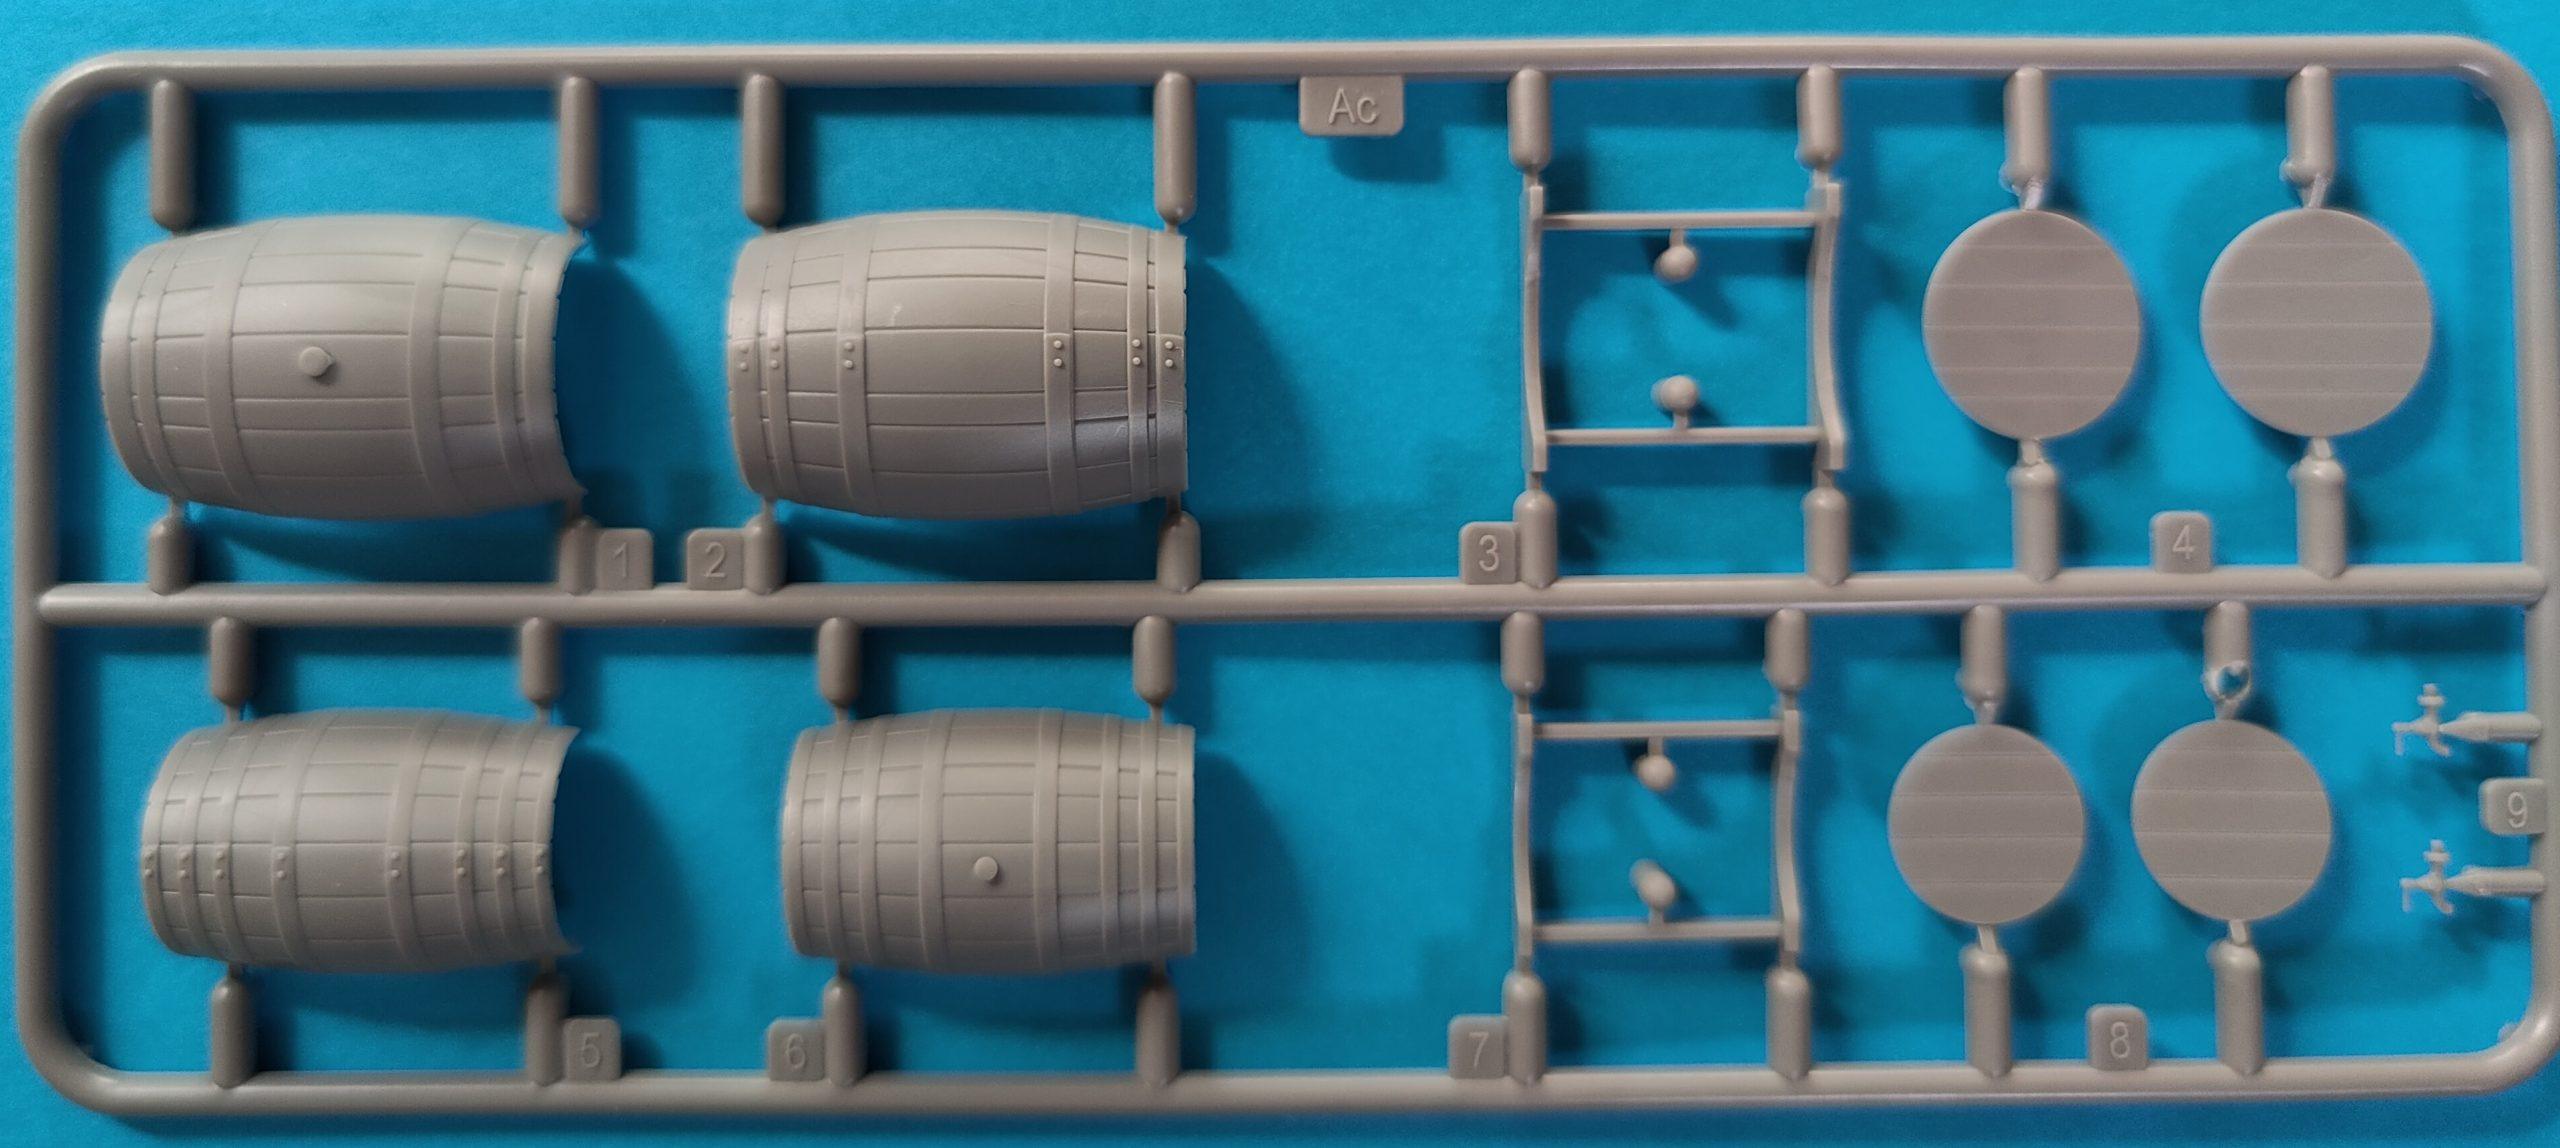 ICM_fass2003-scaled Holzfässer (Wooden Barrels) von Miniart in 1:35